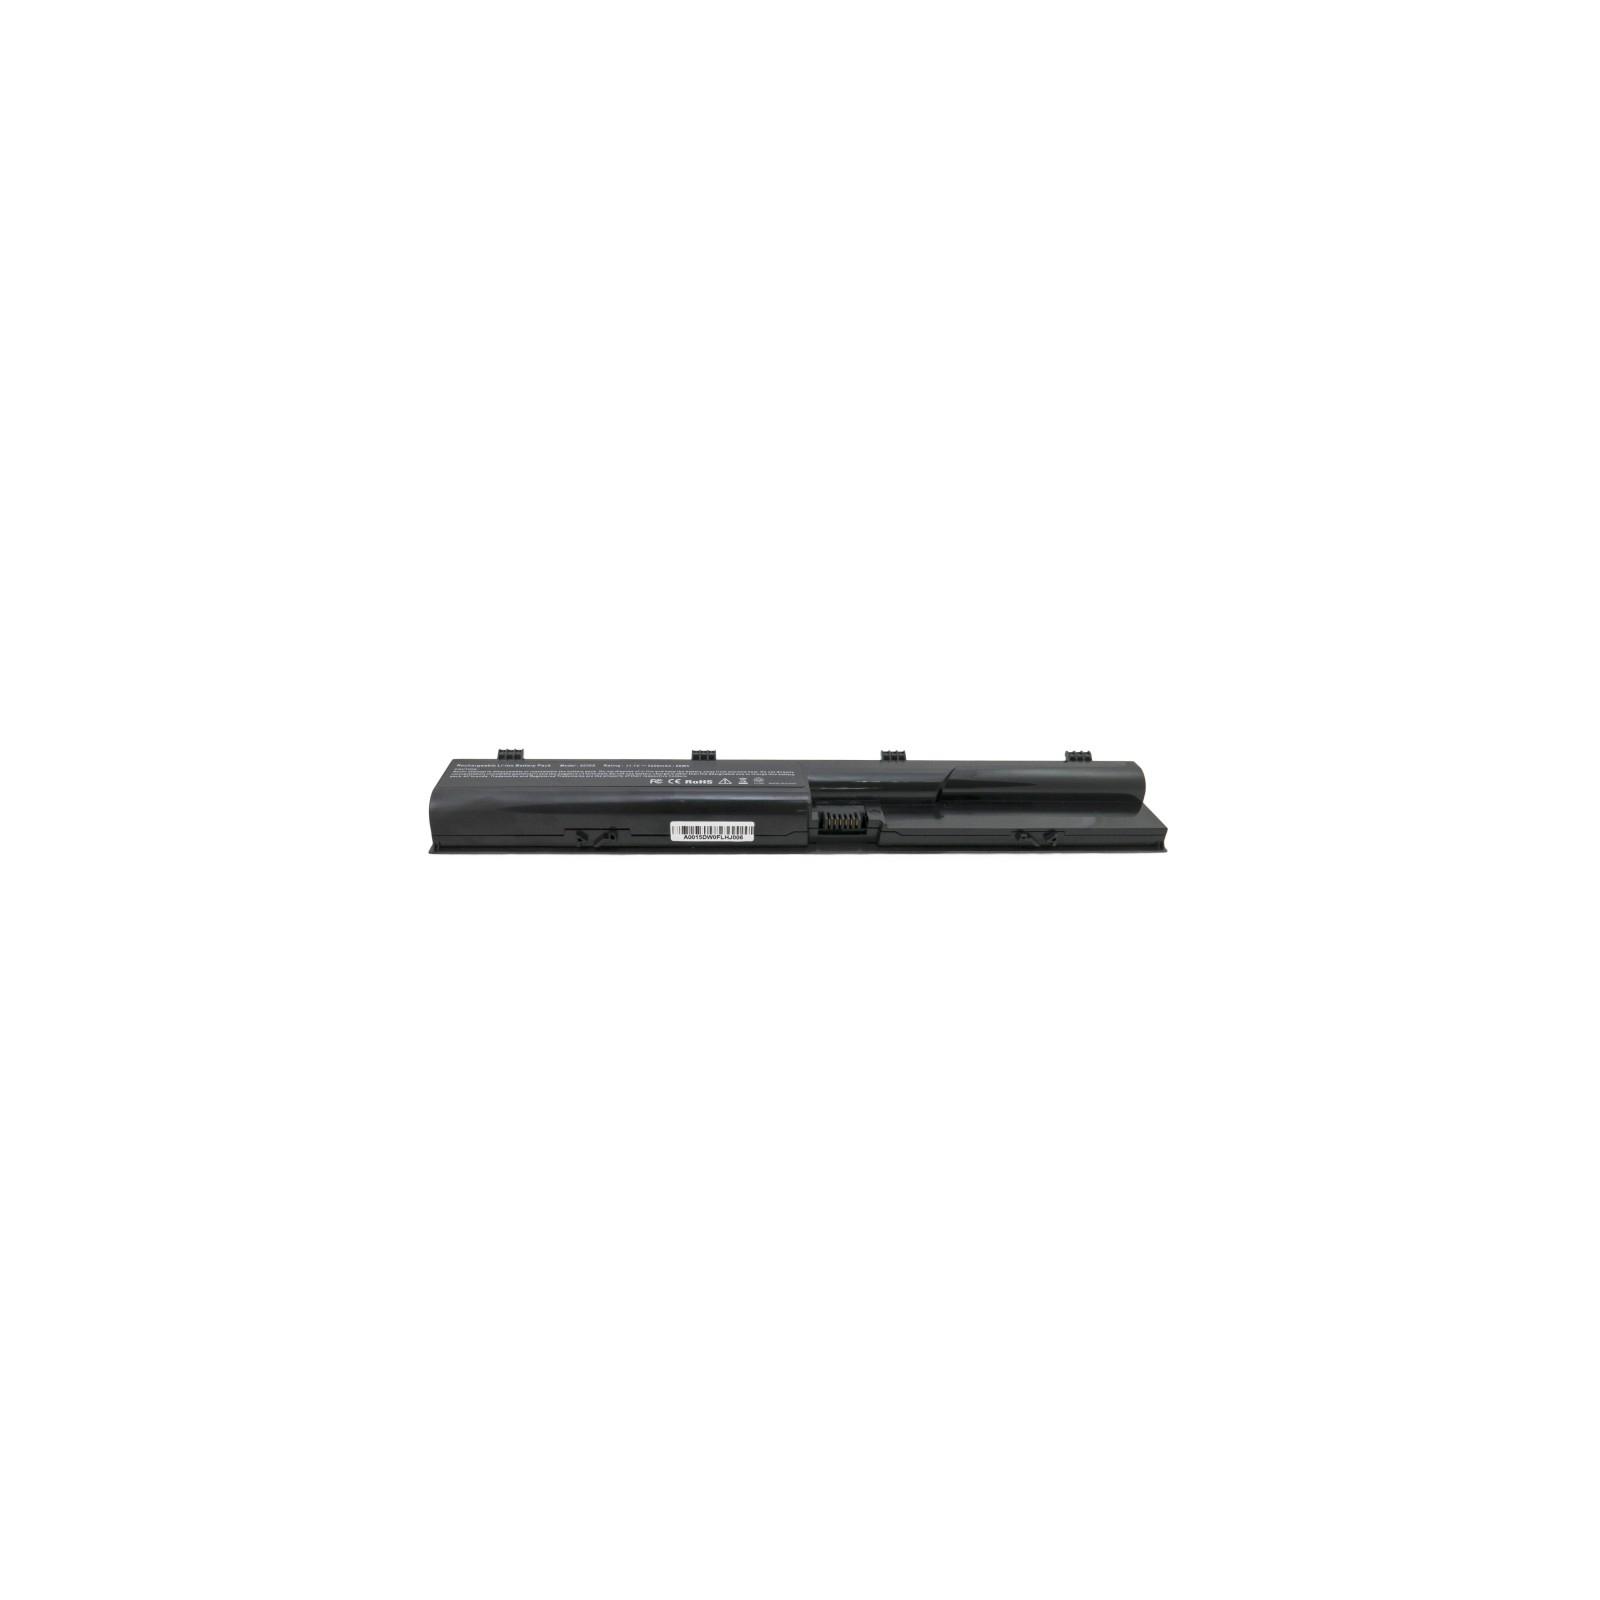 Аккумулятор для ноутбука HP ProBook 4530S (HSTNN-LB2R) 5200 mAh EXTRADIGITAL (BNH3940) изображение 4